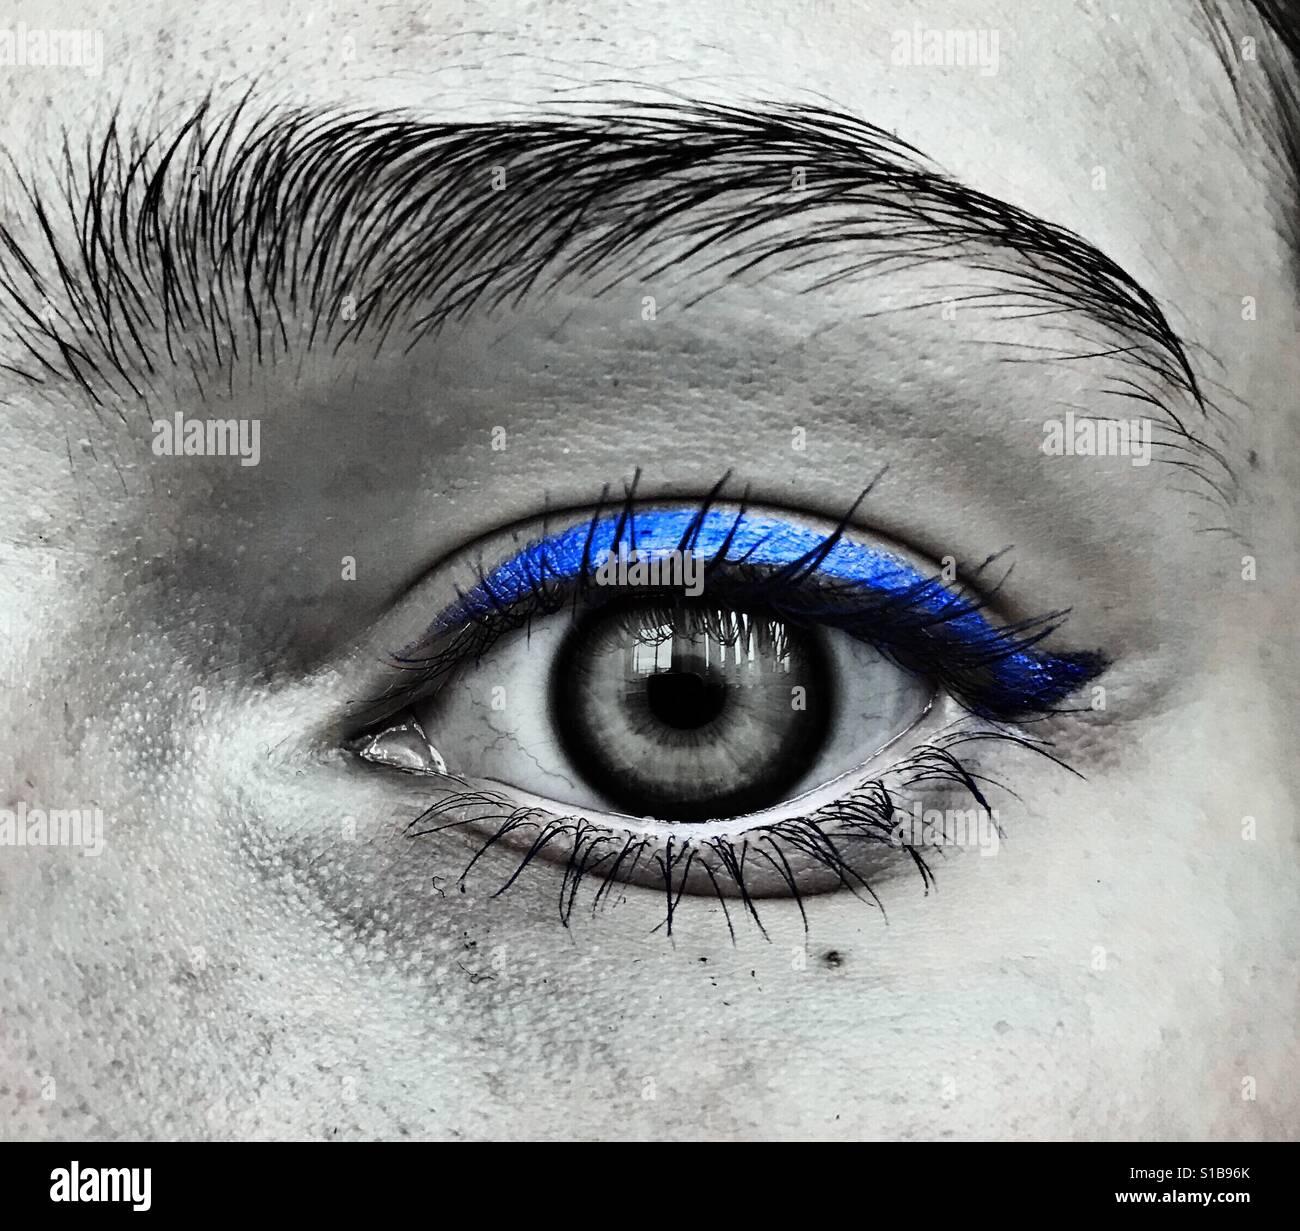 Schwarz / weiß Nahaufnahme eines Auges mit blauen eyeliner Stockbild